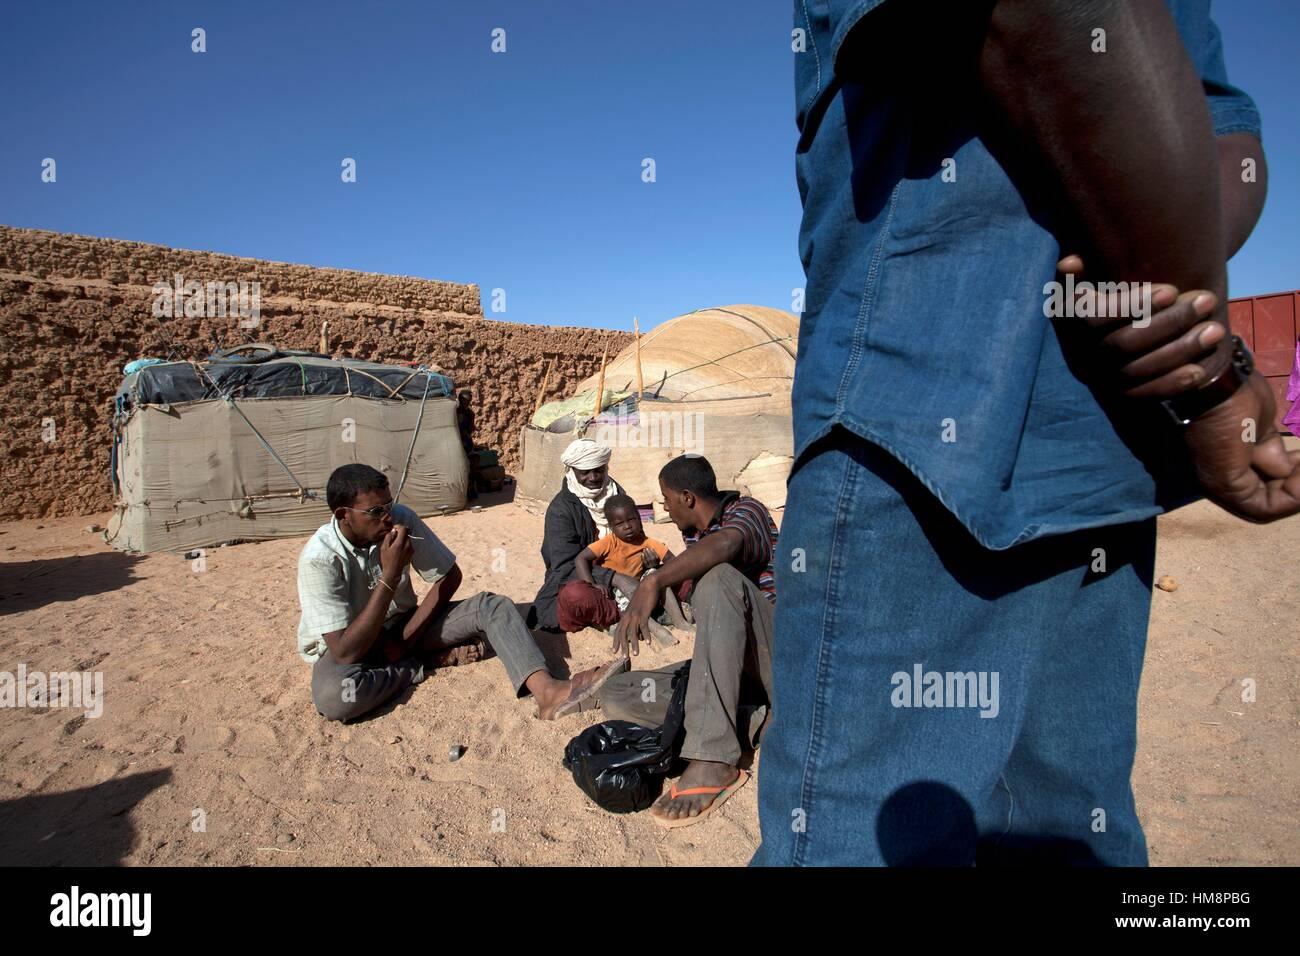 Niger, Agadez, emigrants waiting at illegal garage - Stock Image